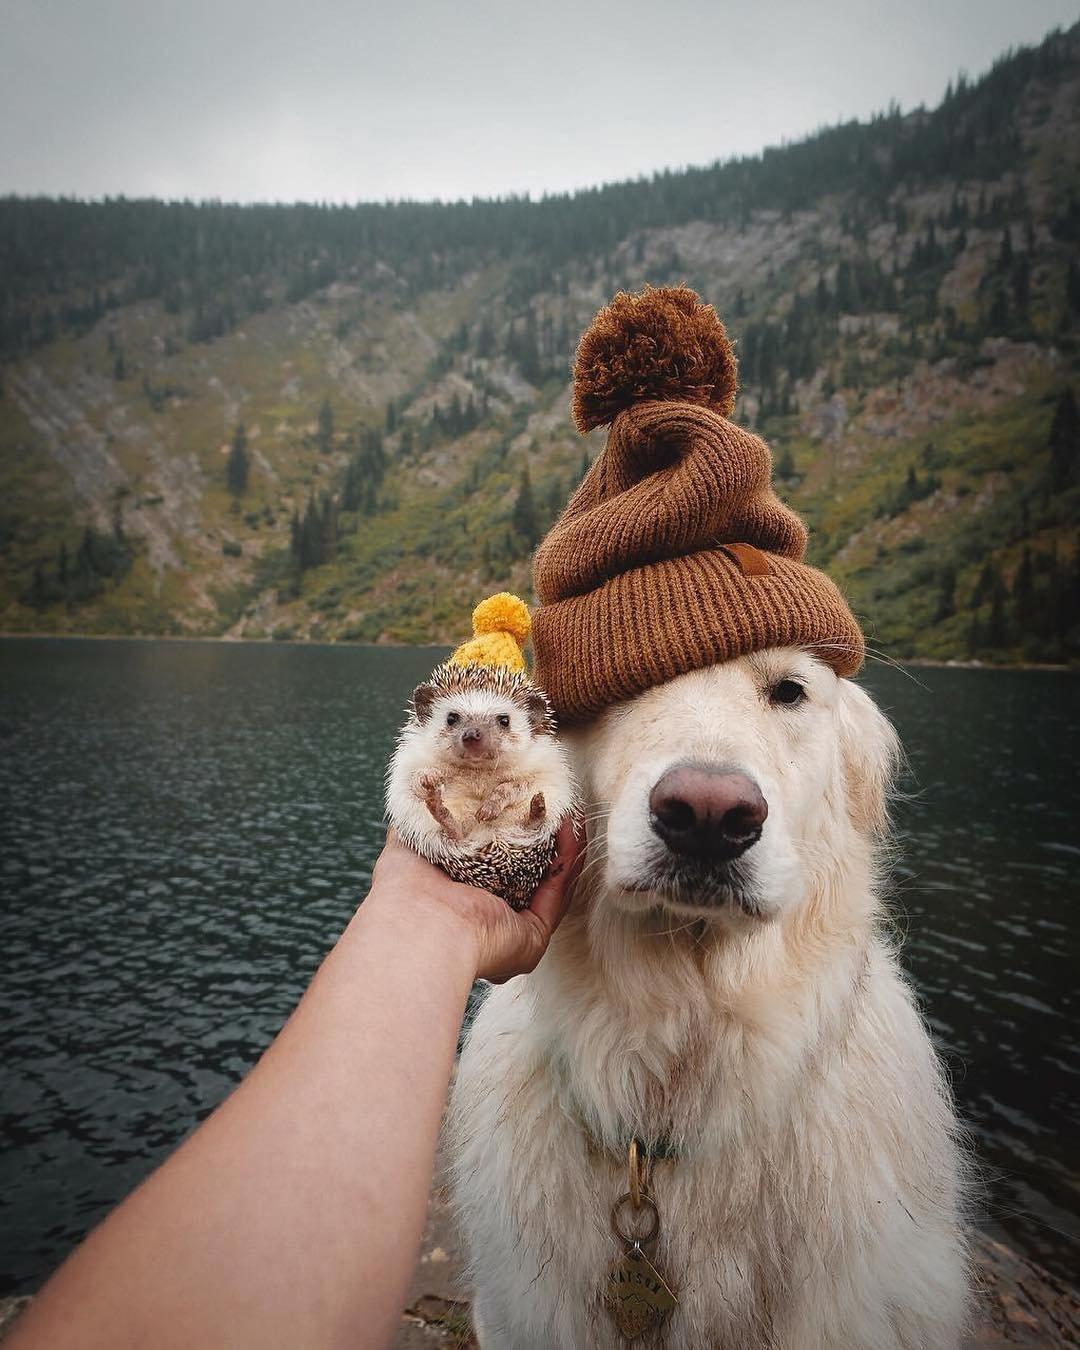 скачайте фото доброе утро мир позитива пальцы